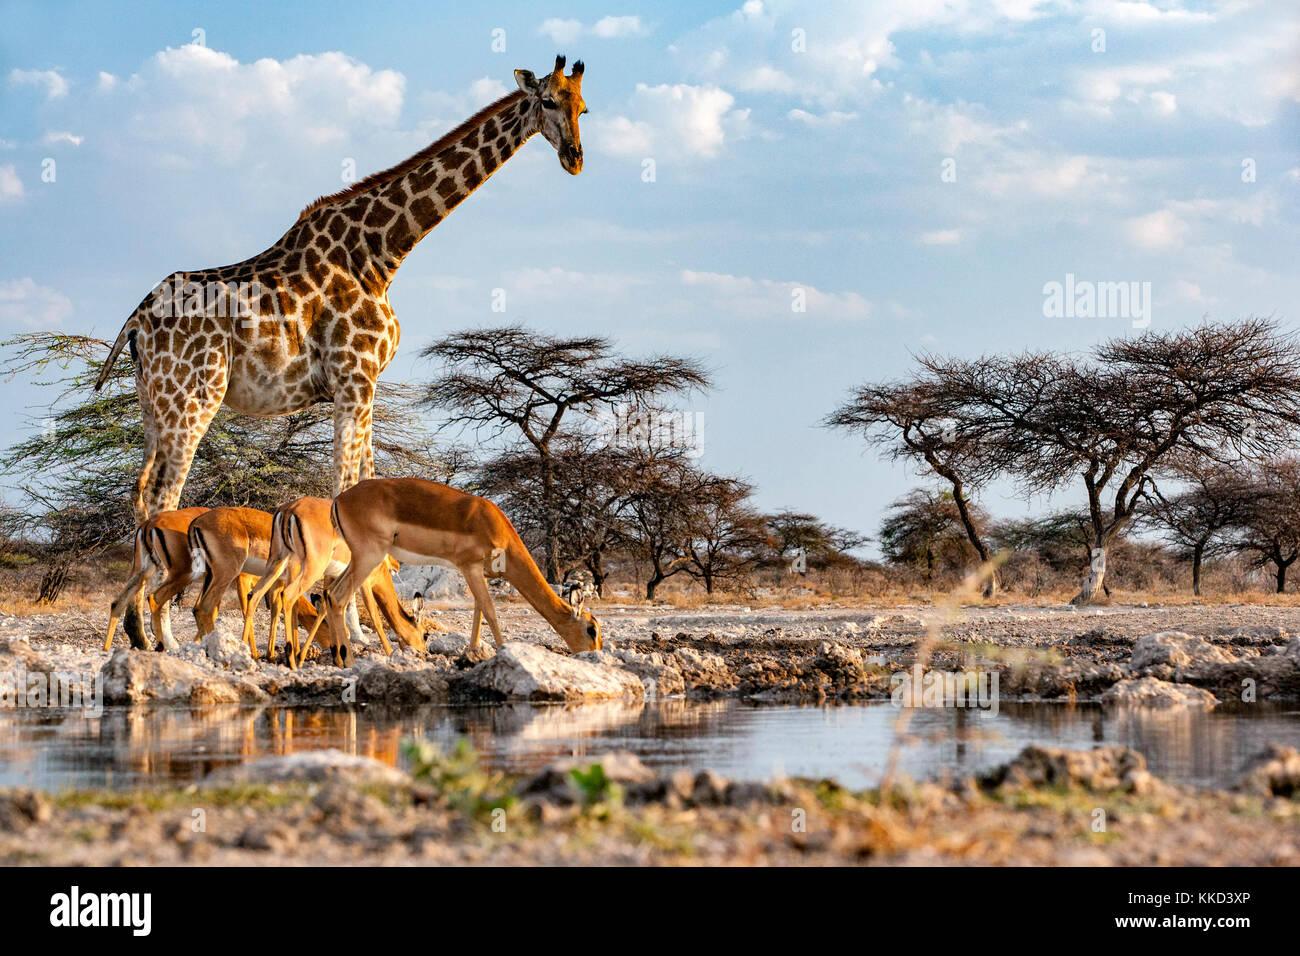 Jirafa con impala Onkolo Onguma en Ocultar, Reserva de caza, Namibia, África Imagen De Stock